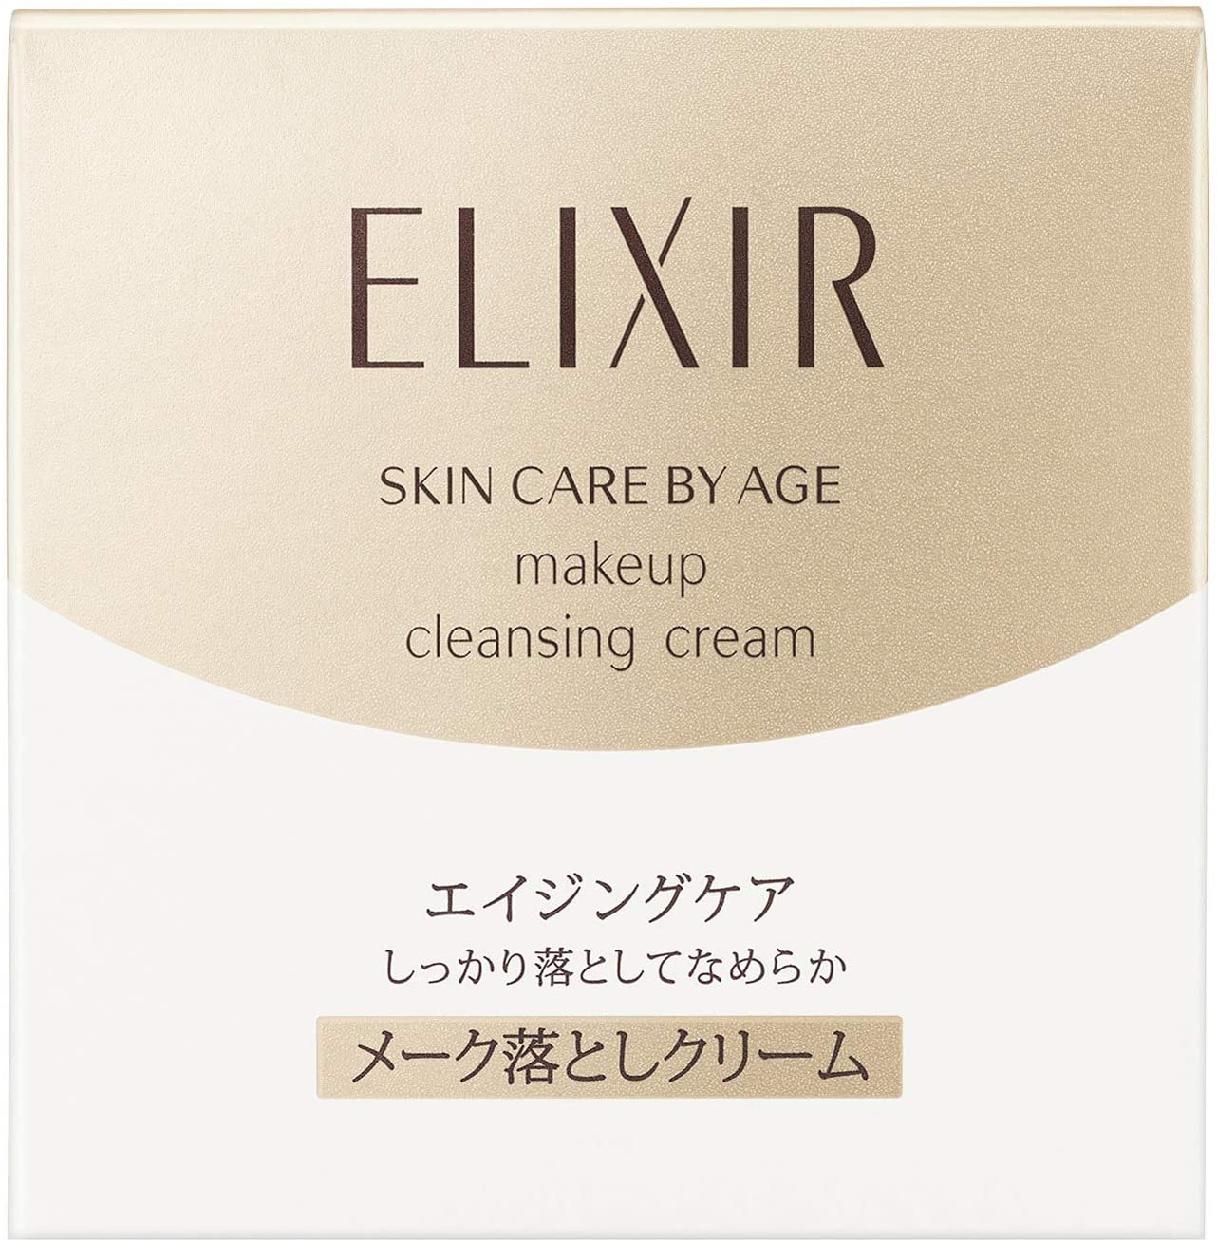 ELIXIR(エリクシール) シュペリエル メーククレンジングクリーム Nの商品画像2